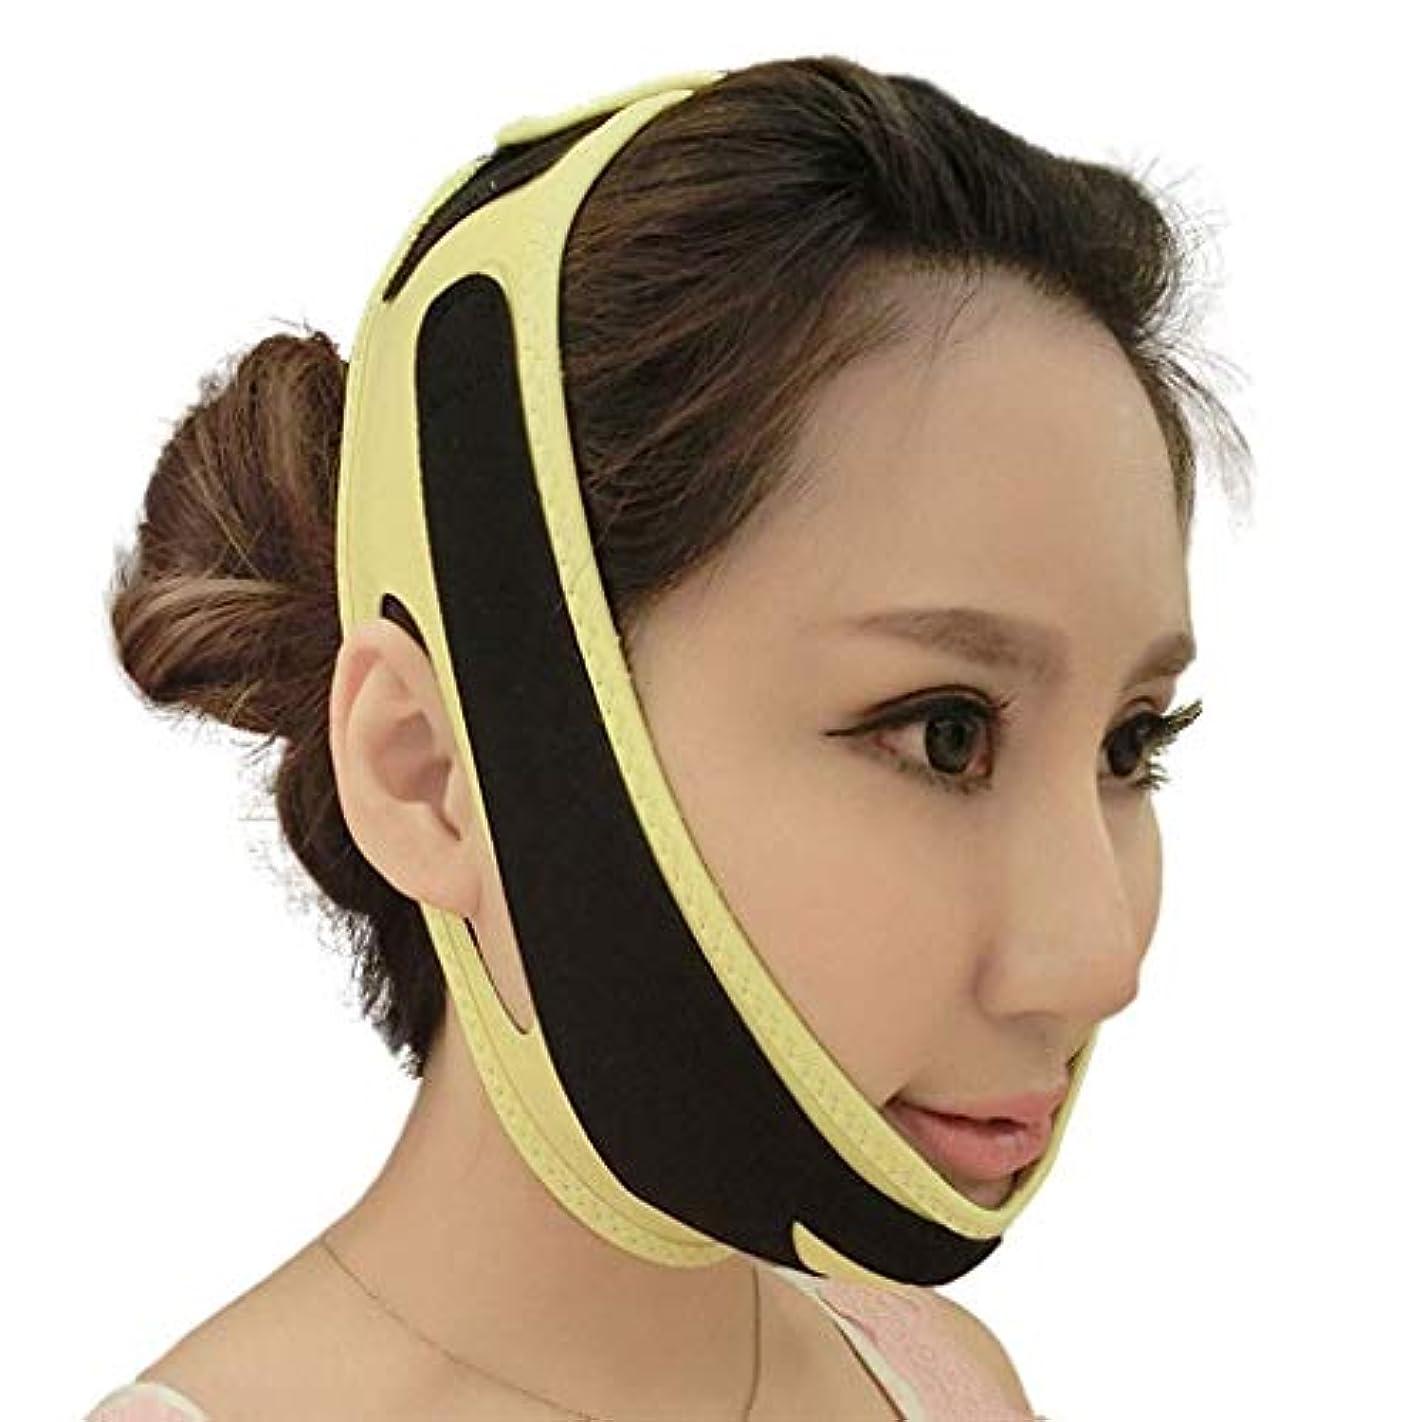 顔の持ち上がる細くの伸縮性があるベルト、 フェイススリミングマスク、フェイスリフト包帯Vフェイスベルトフェイスリフトバンド 女性用バンドを持ち上げる